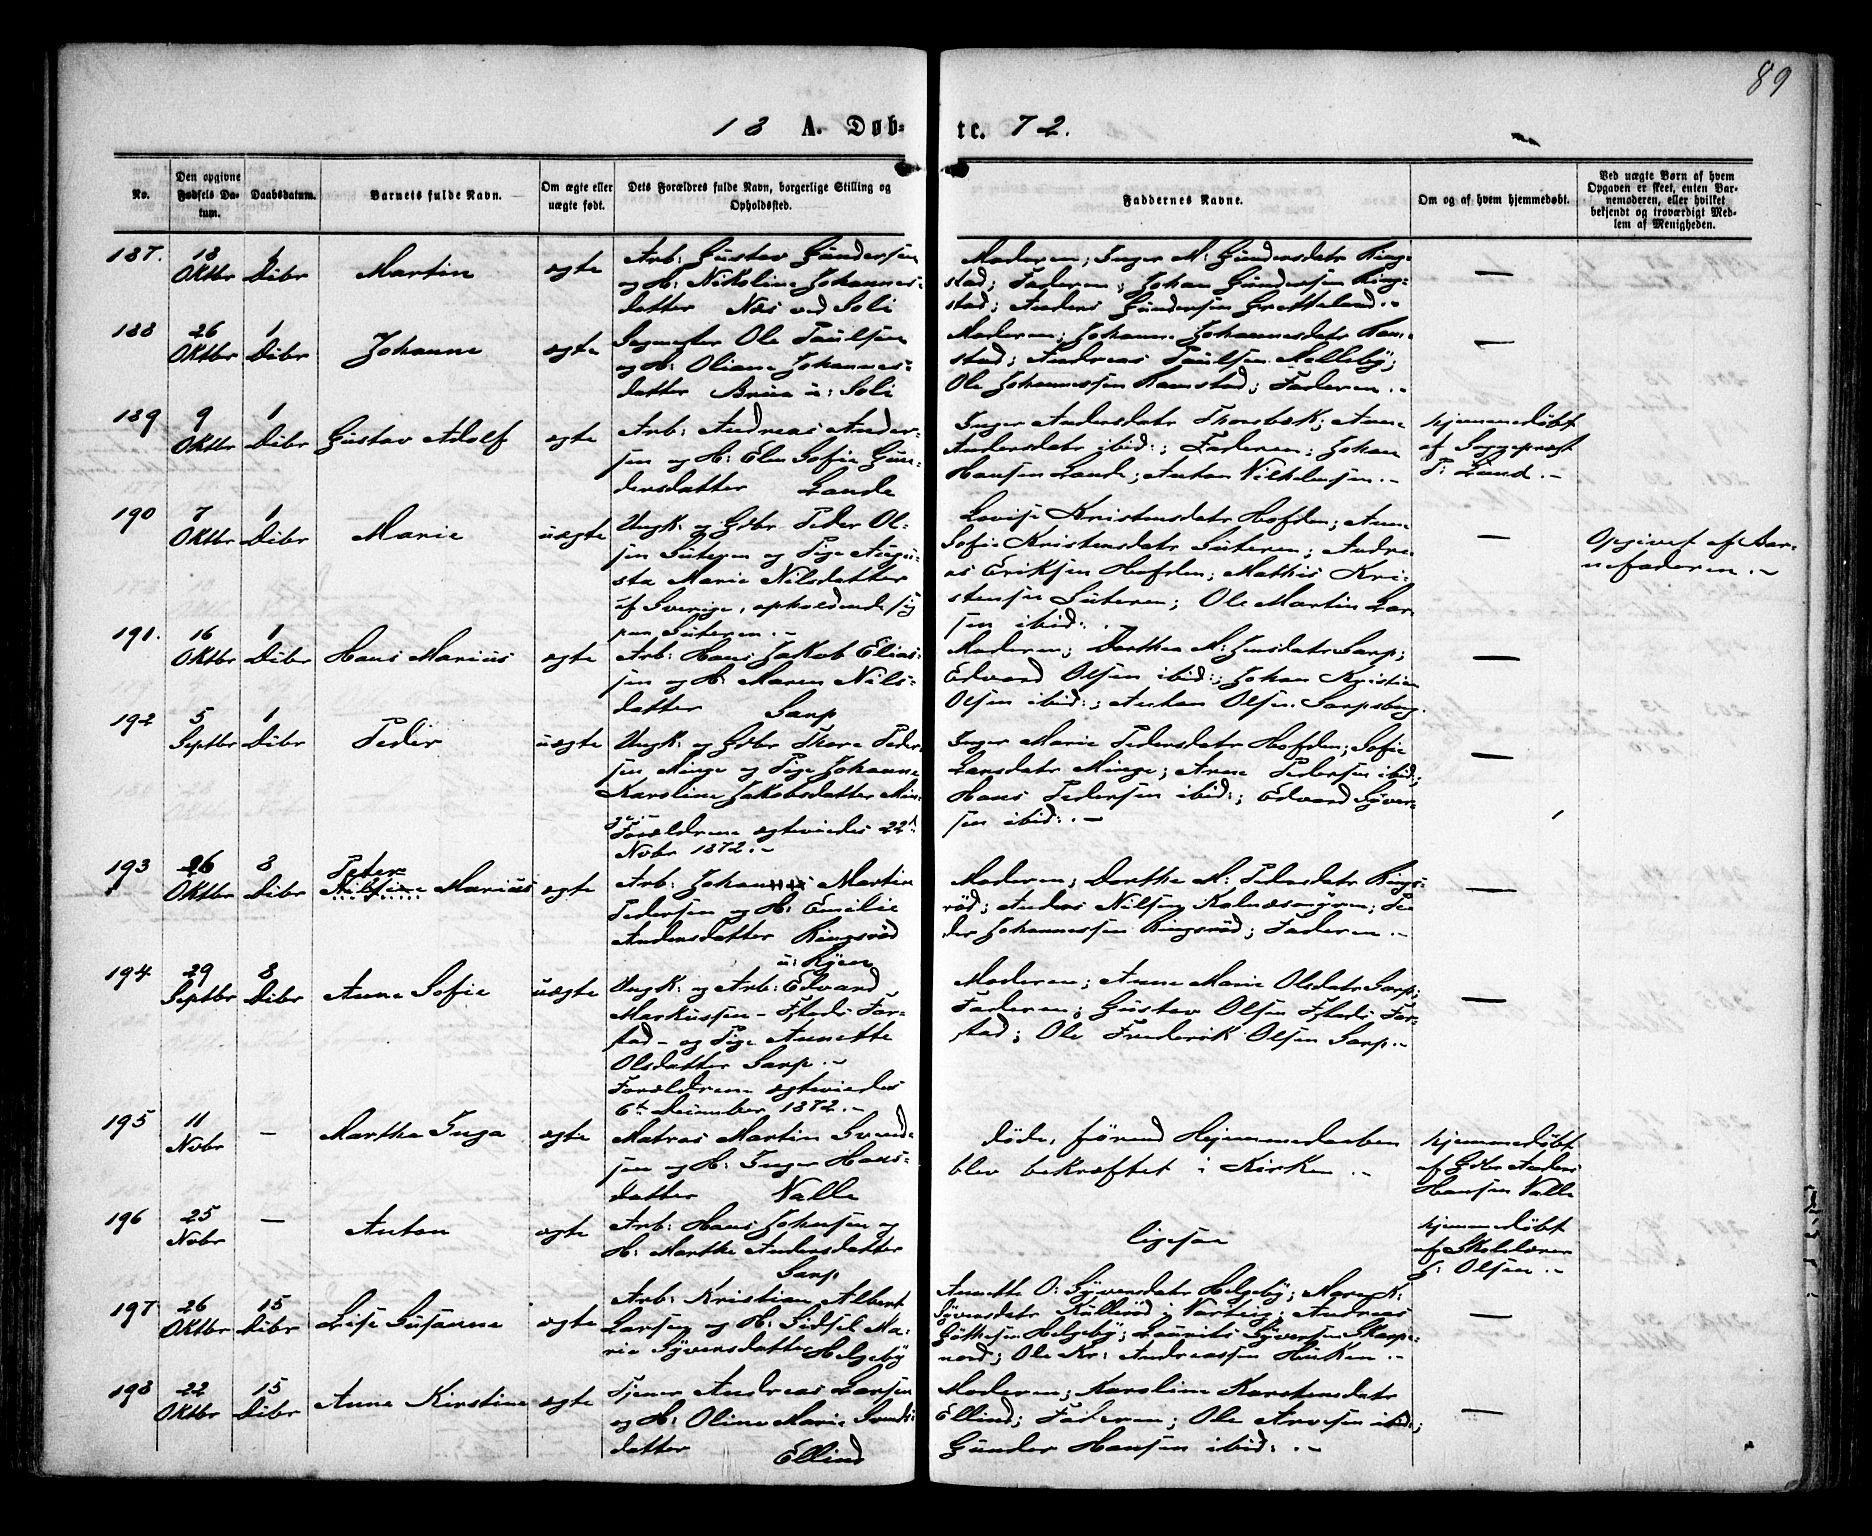 SAO, Tune prestekontor Kirkebøker, F/Fa/L0015: Ministerialbok nr. 15, 1869-1873, s. 89